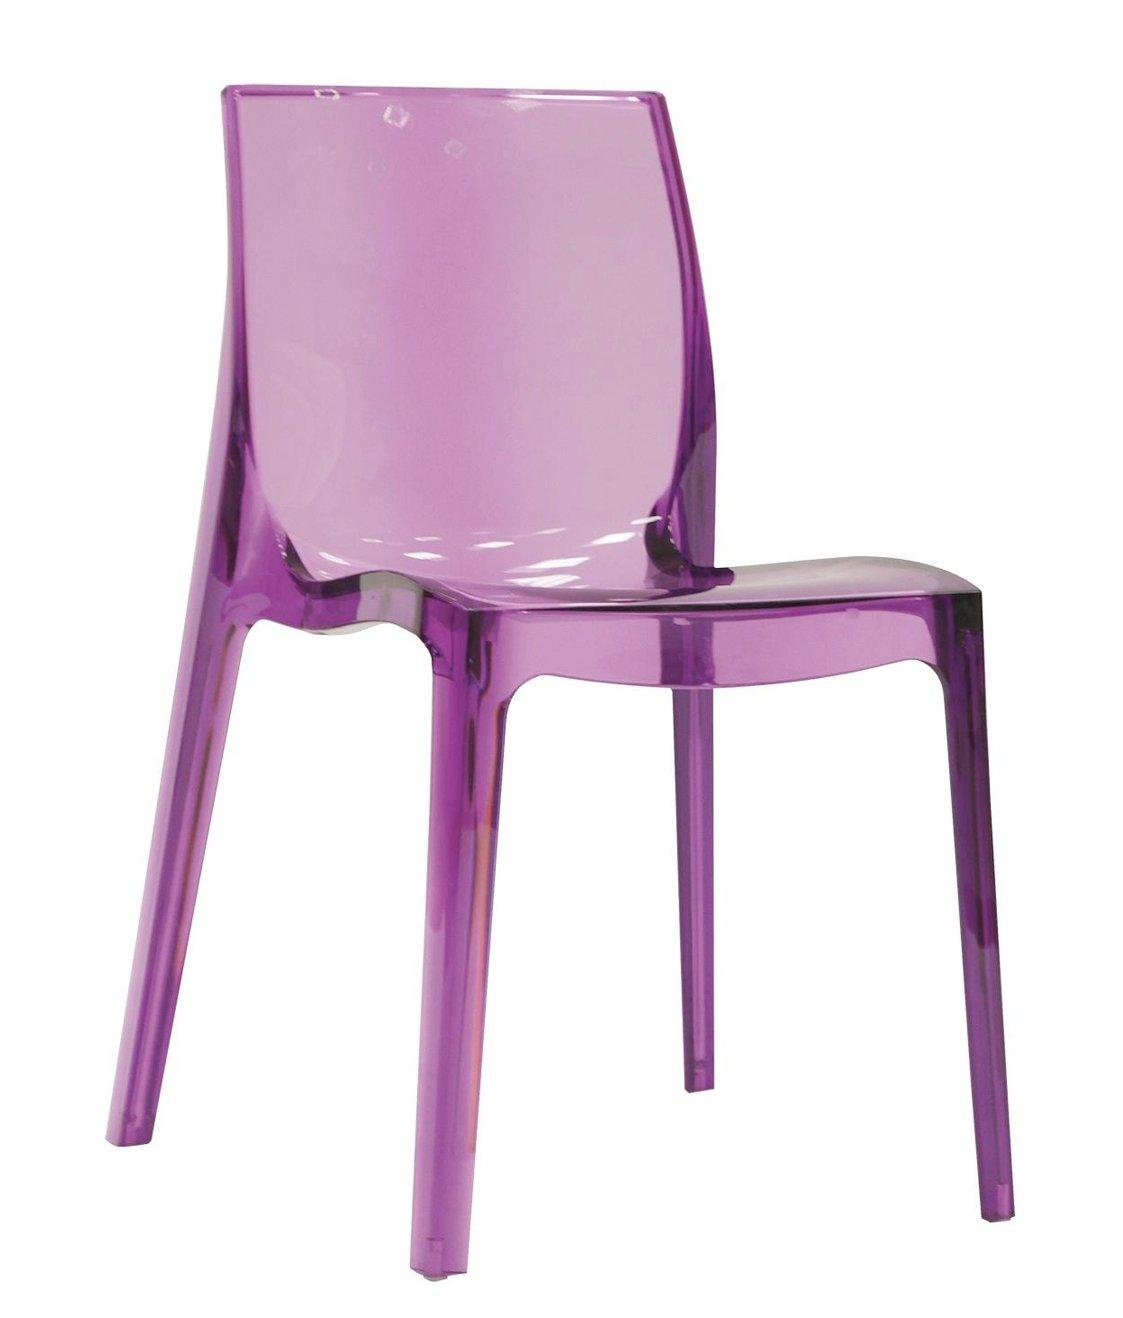 Mercatone Uno Sedie Trasparenti.Sedie Low Cost 15 Modelli A Meno Di 100 Euro Cose Di Casa